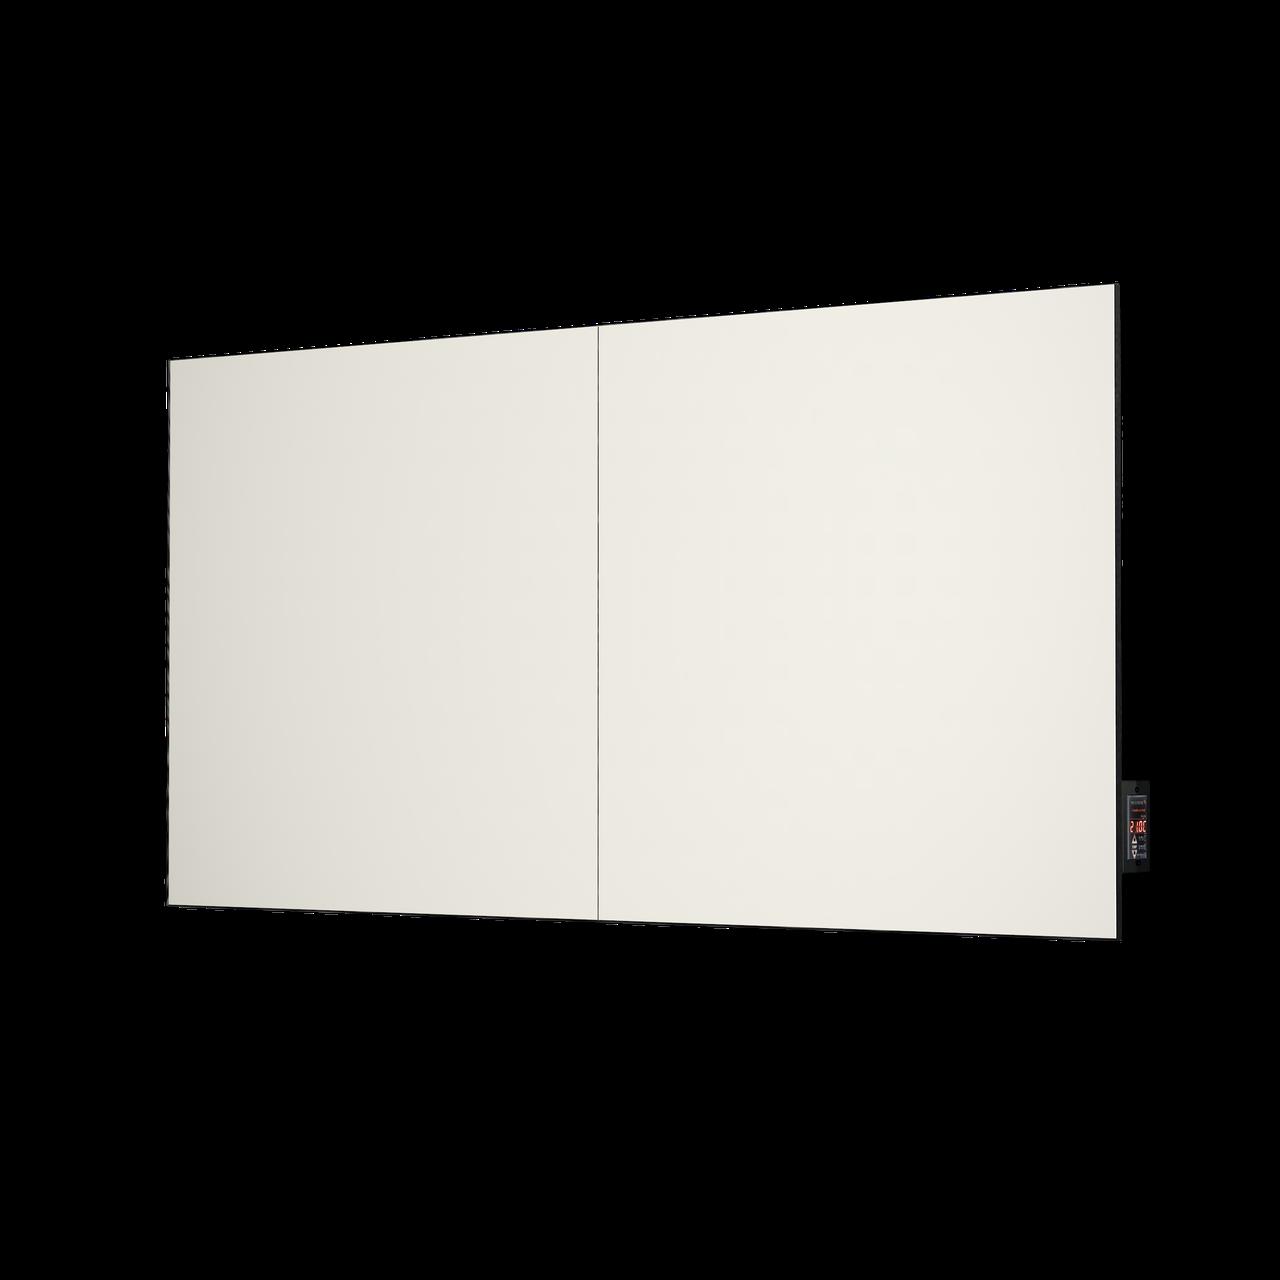 Керамический инфракрасный конвекционный обогреватель TC1000C 1000Вт (Белый)